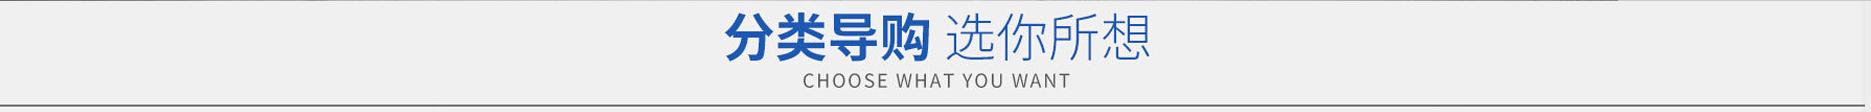 深圳市安达凯电子有限公司